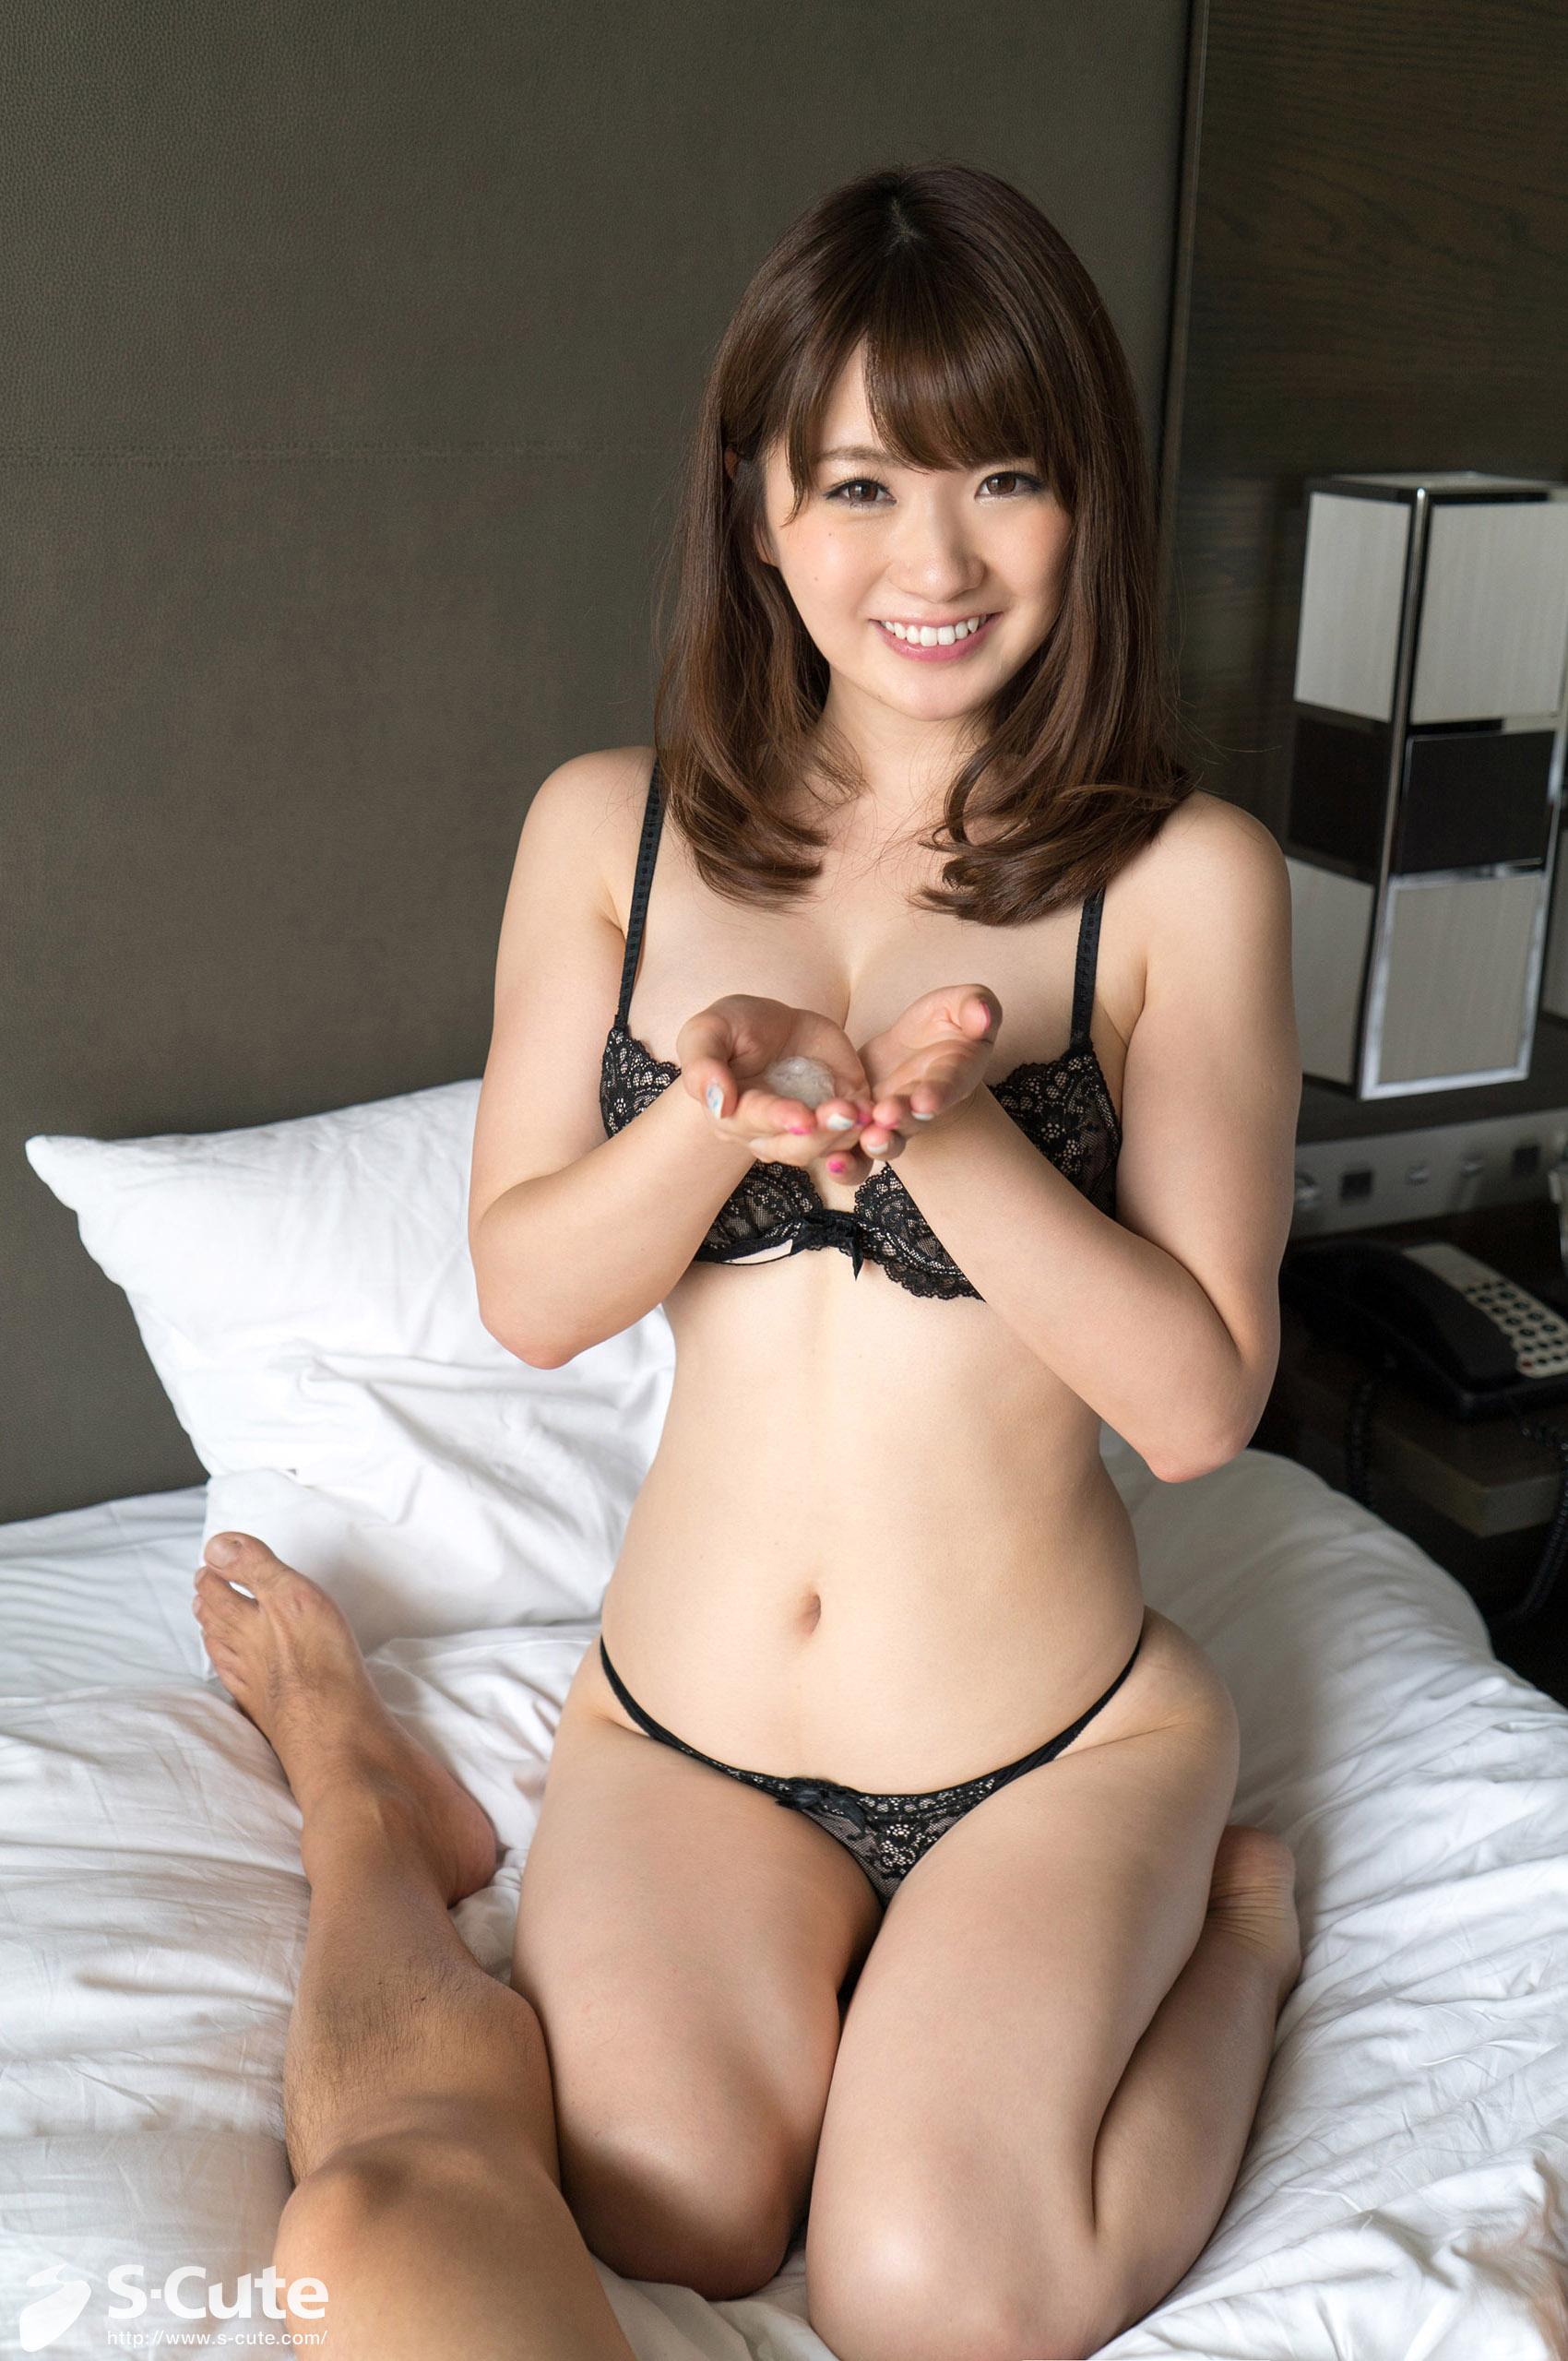 [S-Cute] 421 Yui #2 じっくり奥まで咥える丁寧 [8.8 MB]